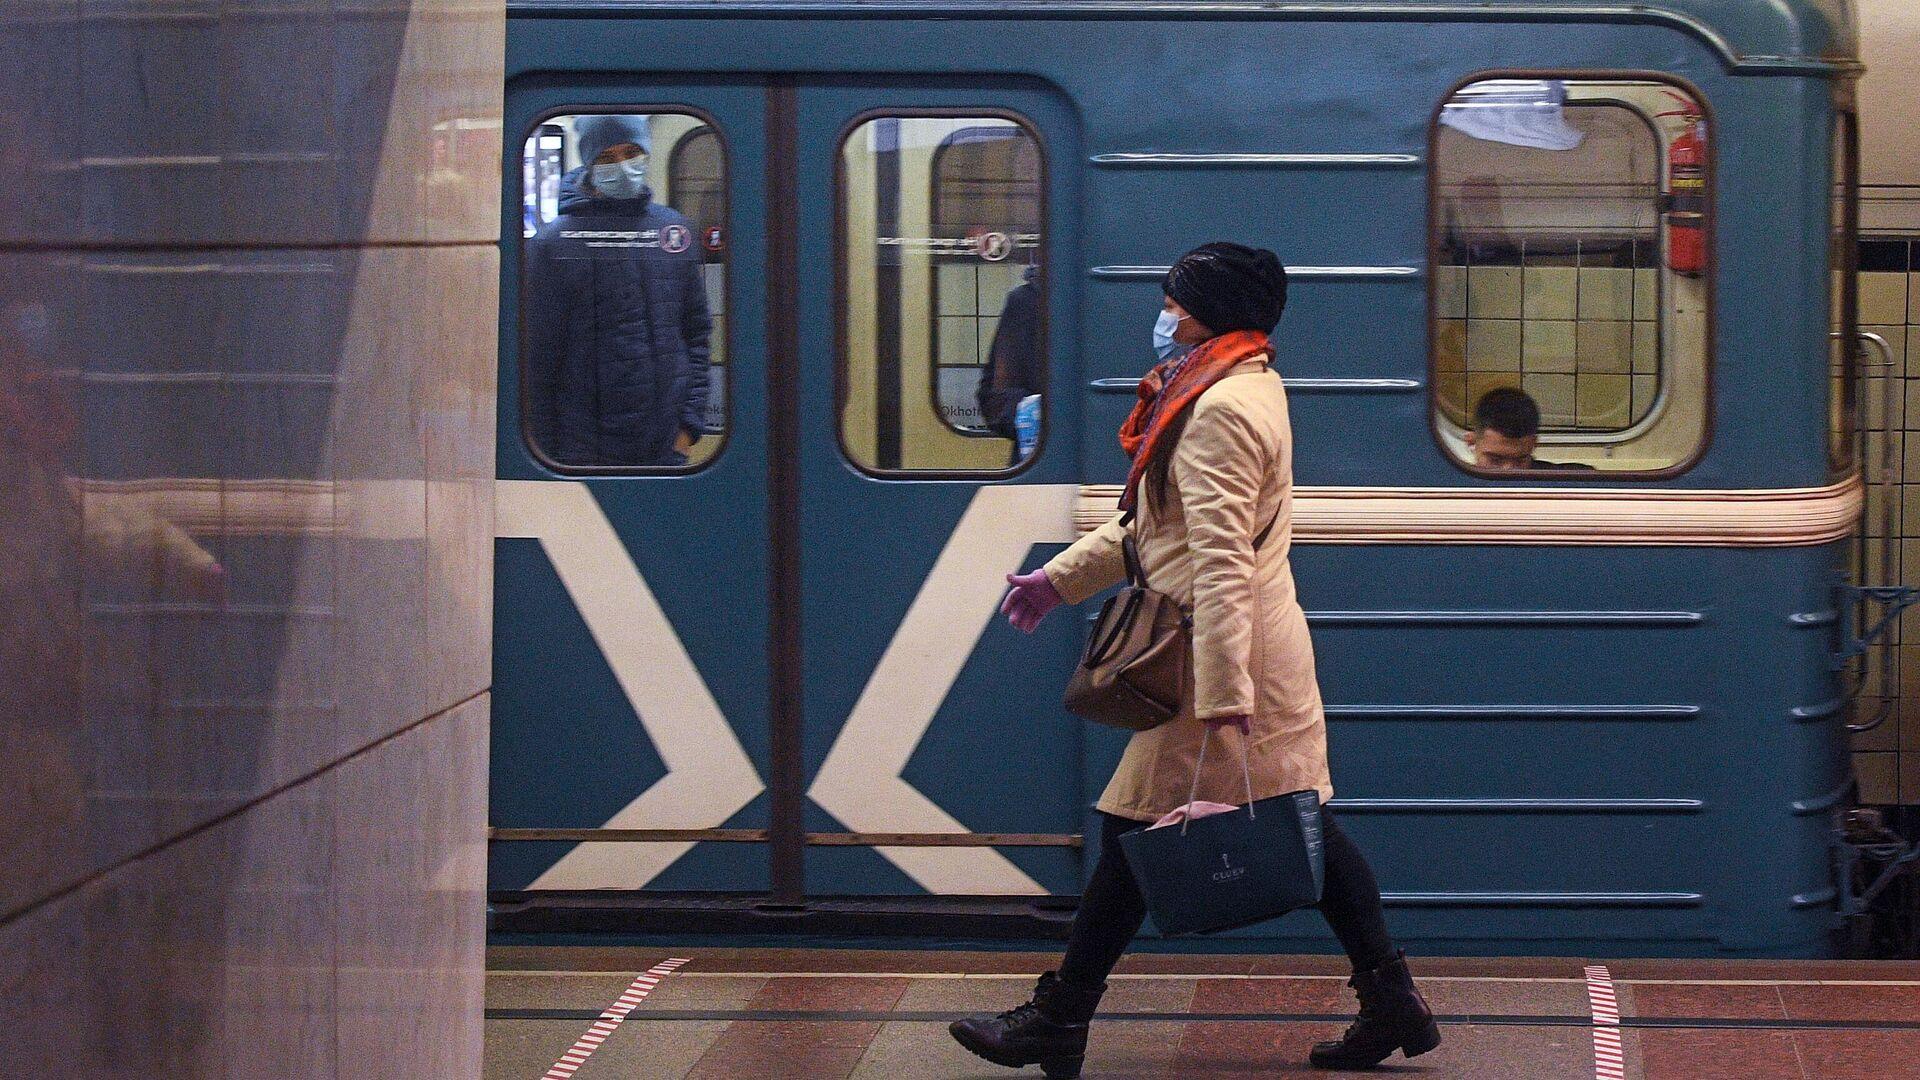 Пассажирка на одной из станций Московского метрополитена - РИА Новости, 1920, 03.01.2021